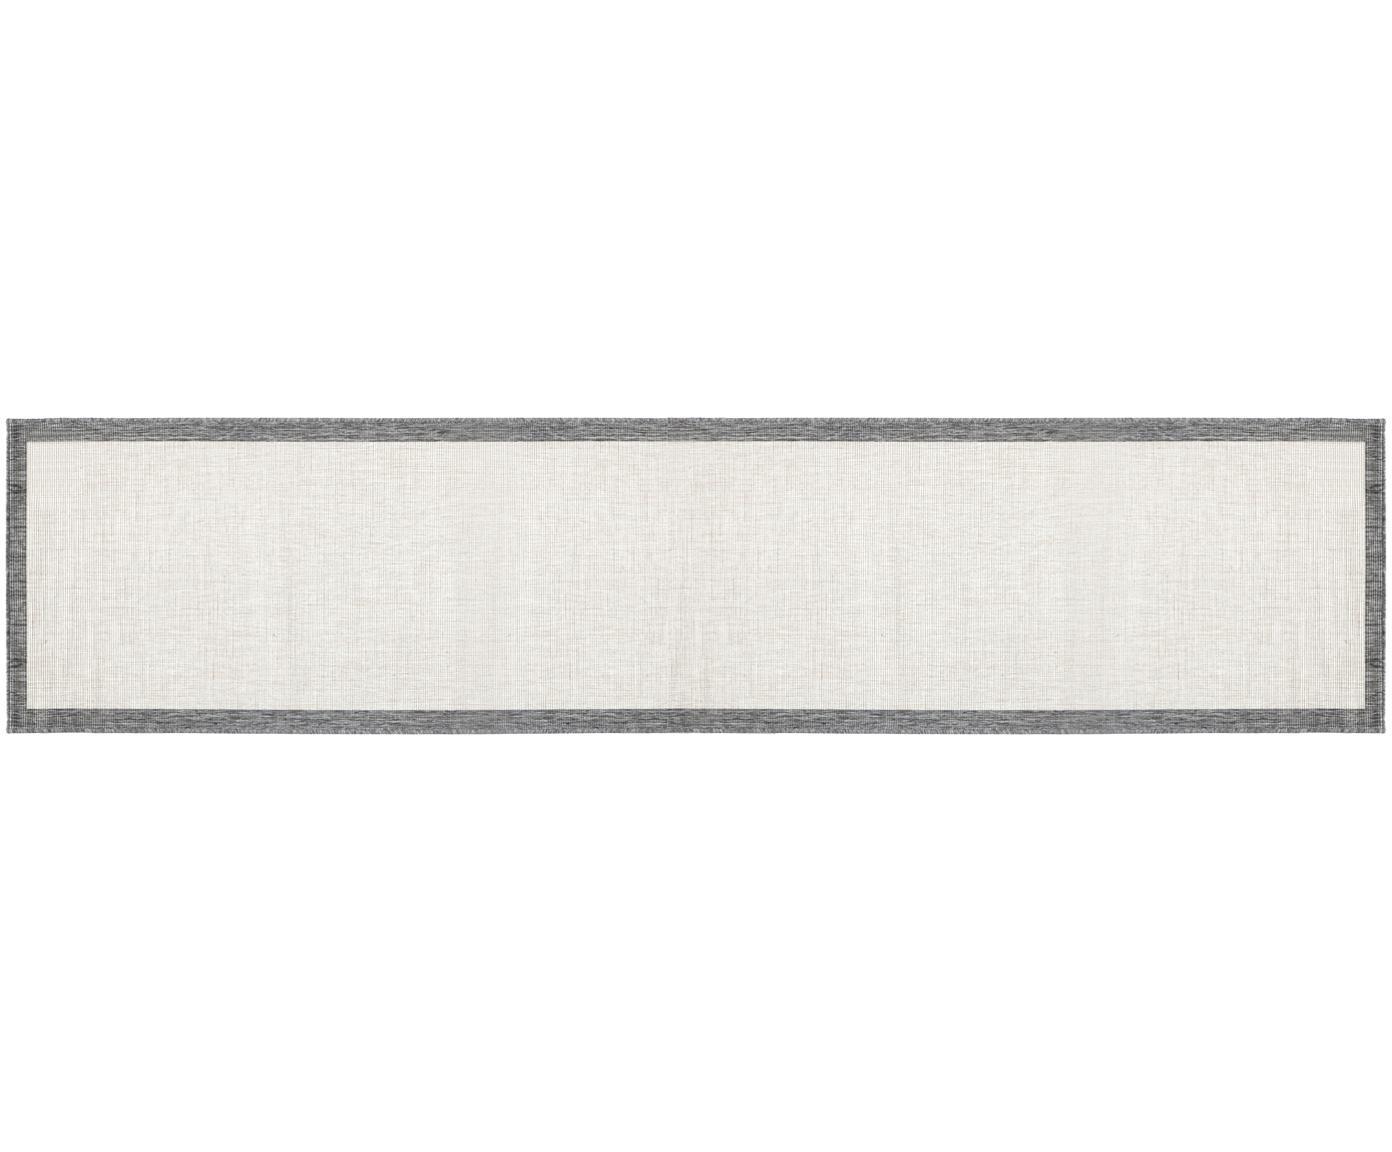 Passatoia reversibile da interno-esterno Panama, Grigio, crema, Larg. 80 x Lung. 350 cm